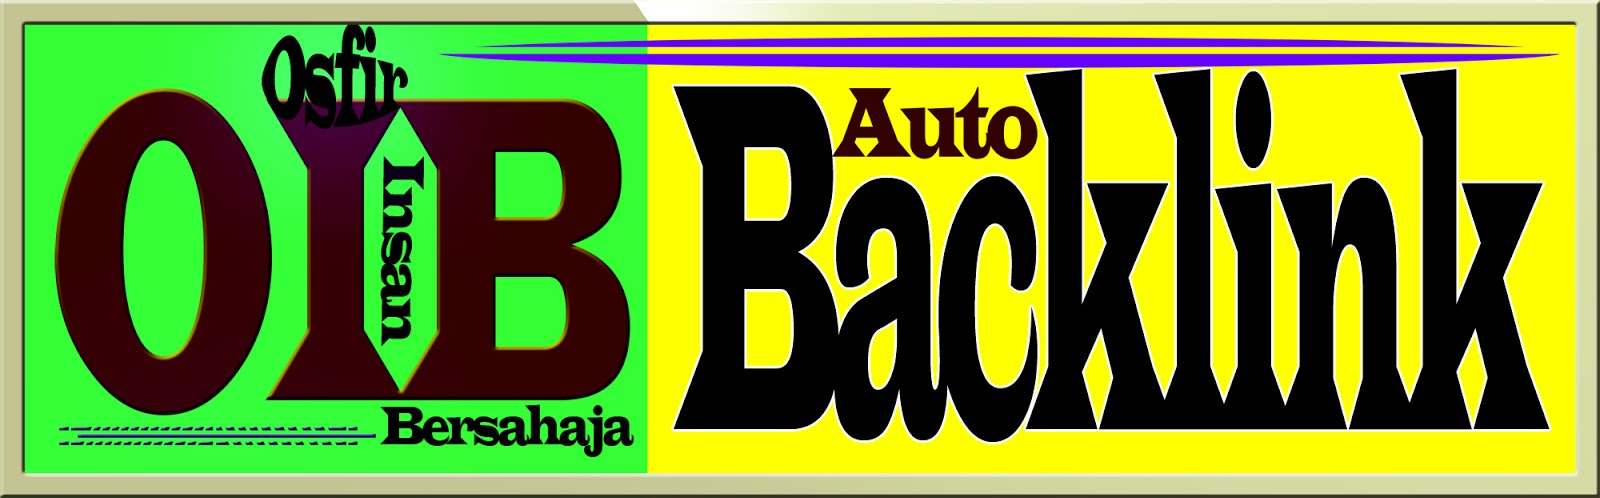 Auto Backlink Gratis:Osfir Insan Bersahaja